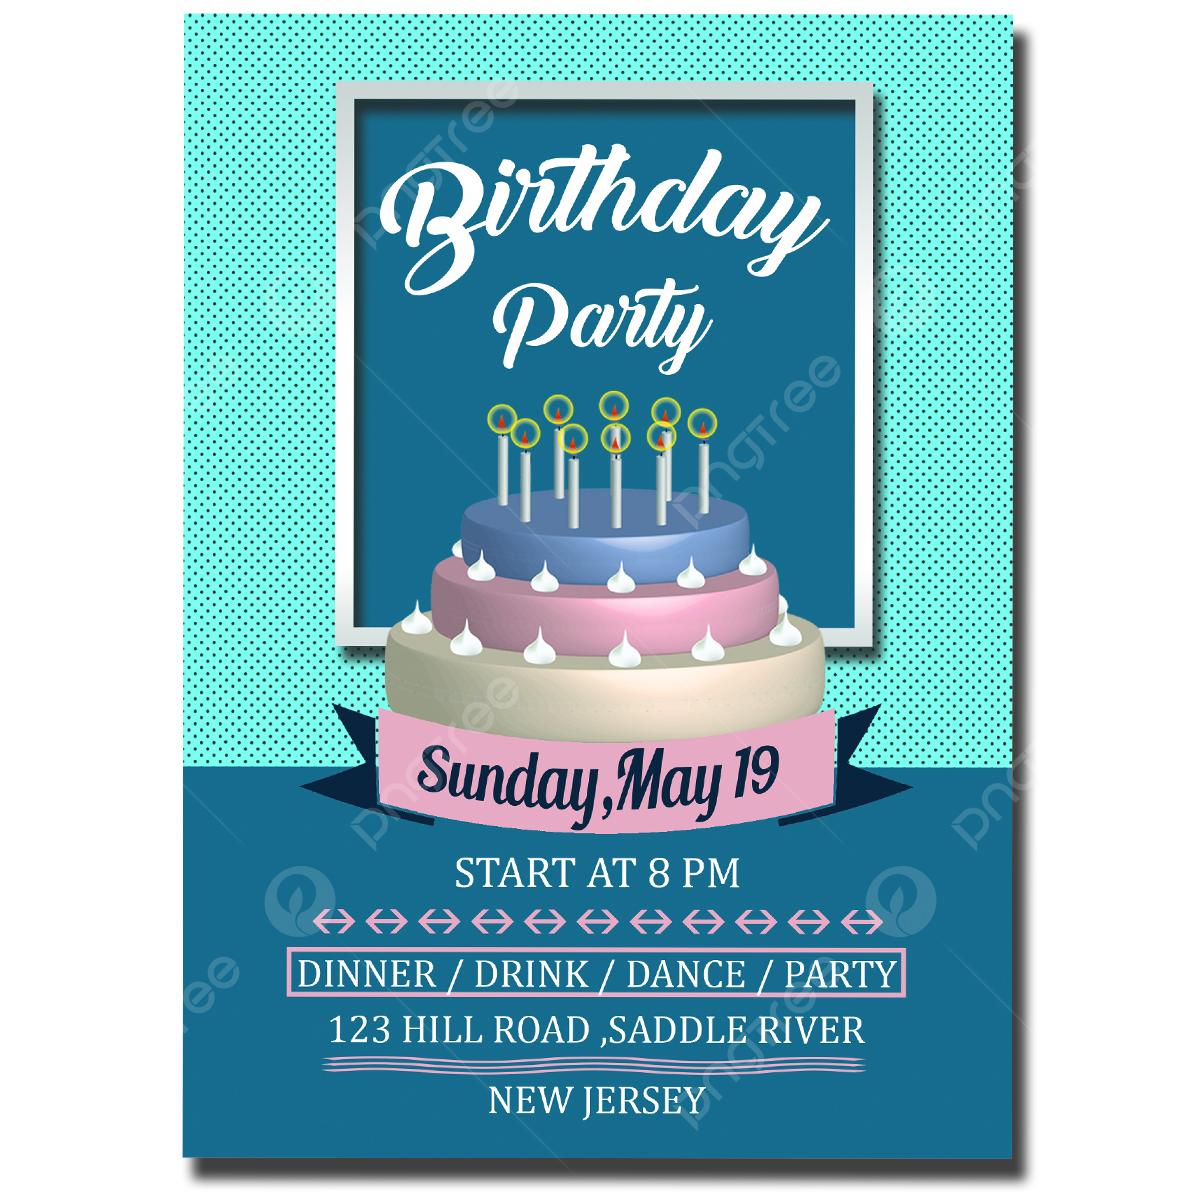 Gambar Templat Kad Jemputan Hari Lahir Kad Psd Templat Untuk Muat Turun Percuma Di Pngtree